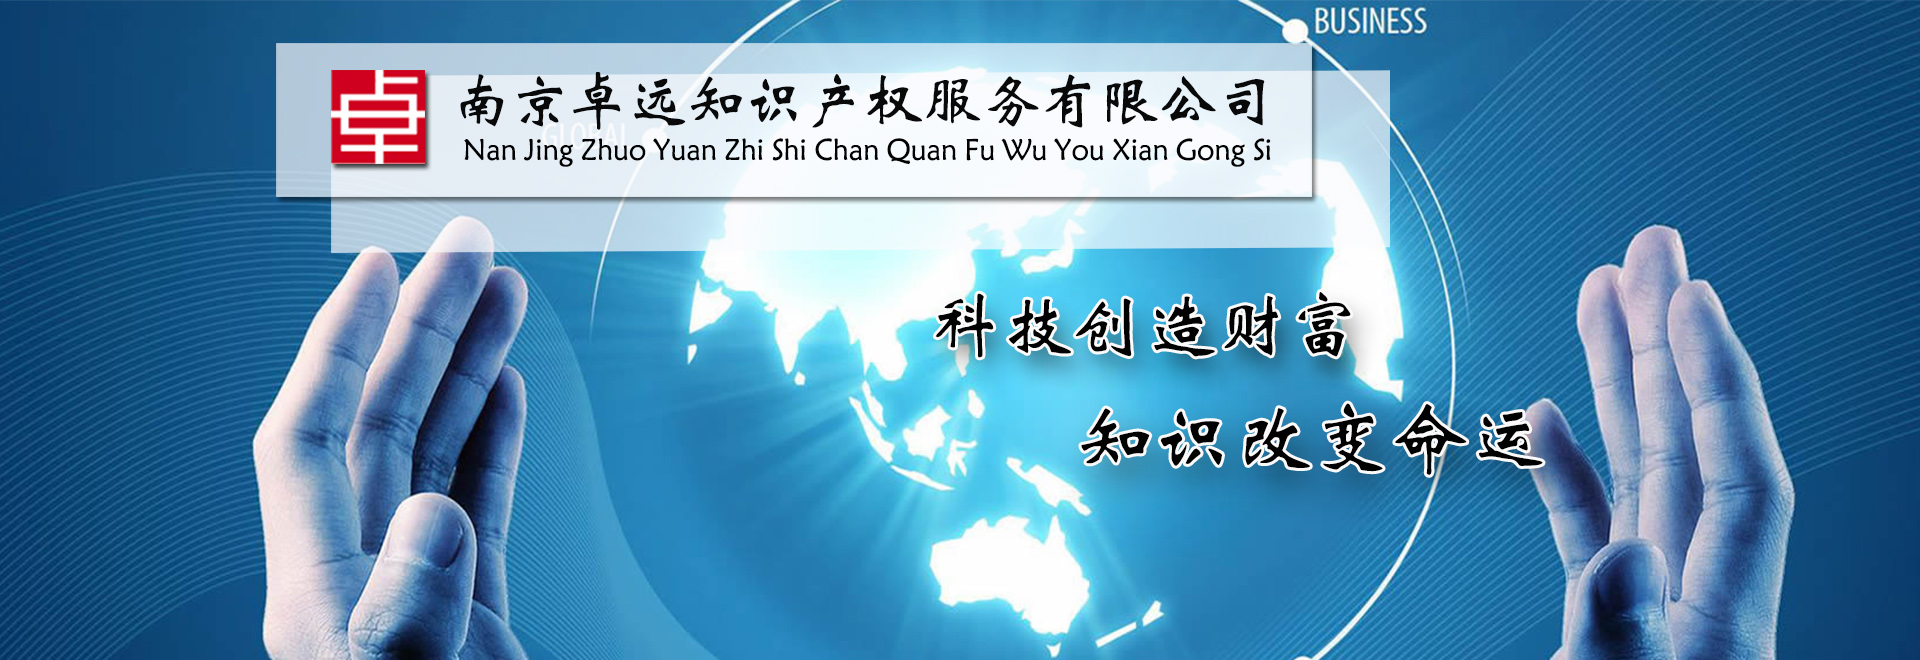 南京高新技术企业申报